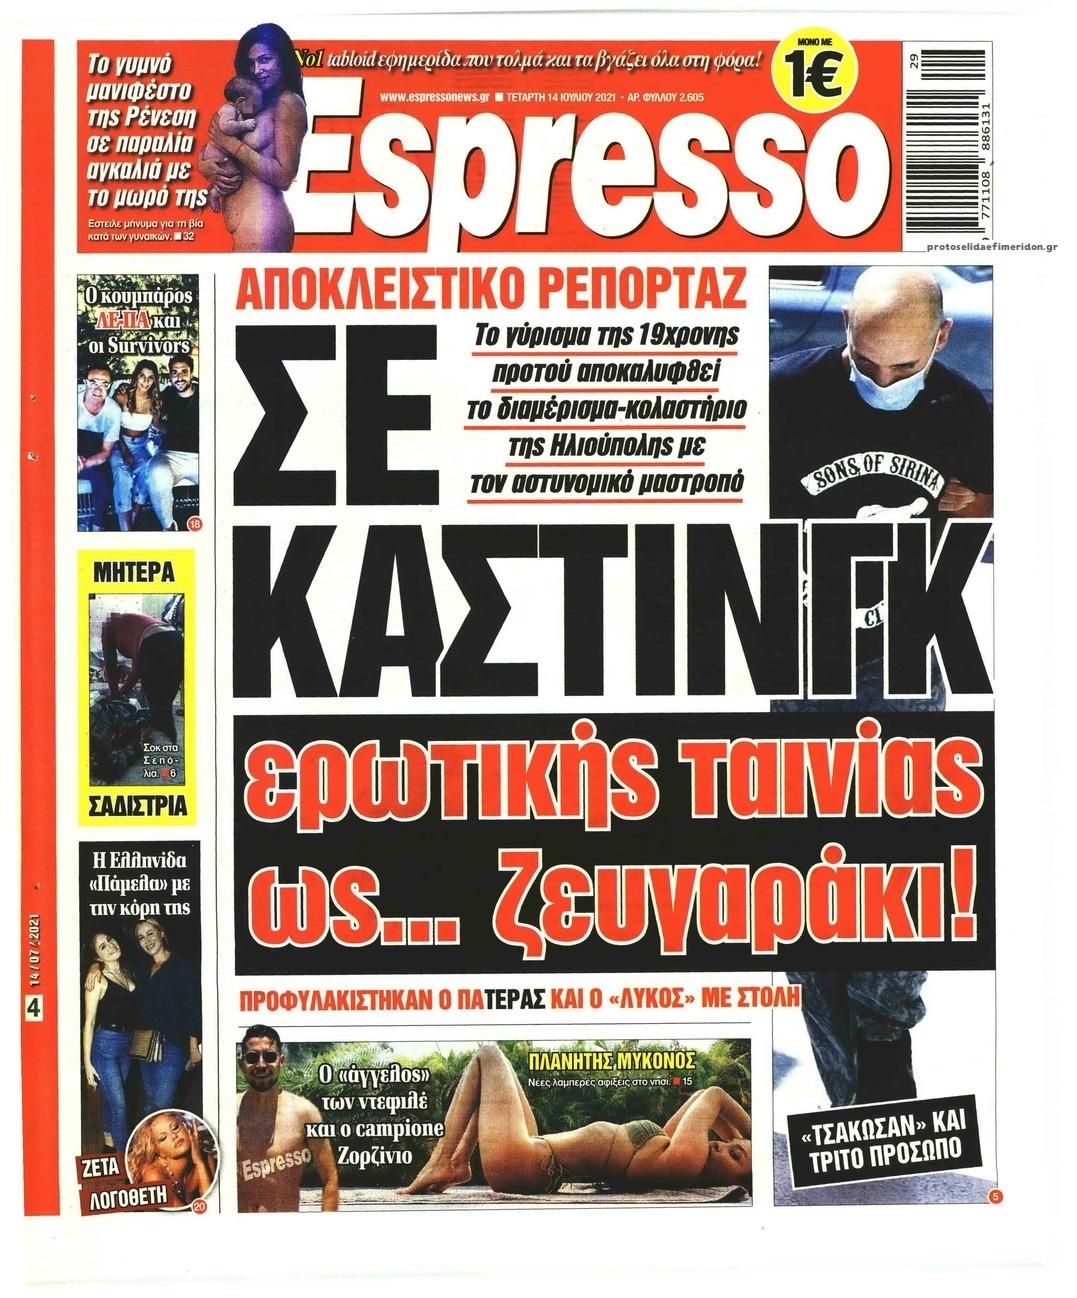 Πρωτοσέλιδο εφημερίδας Espresso